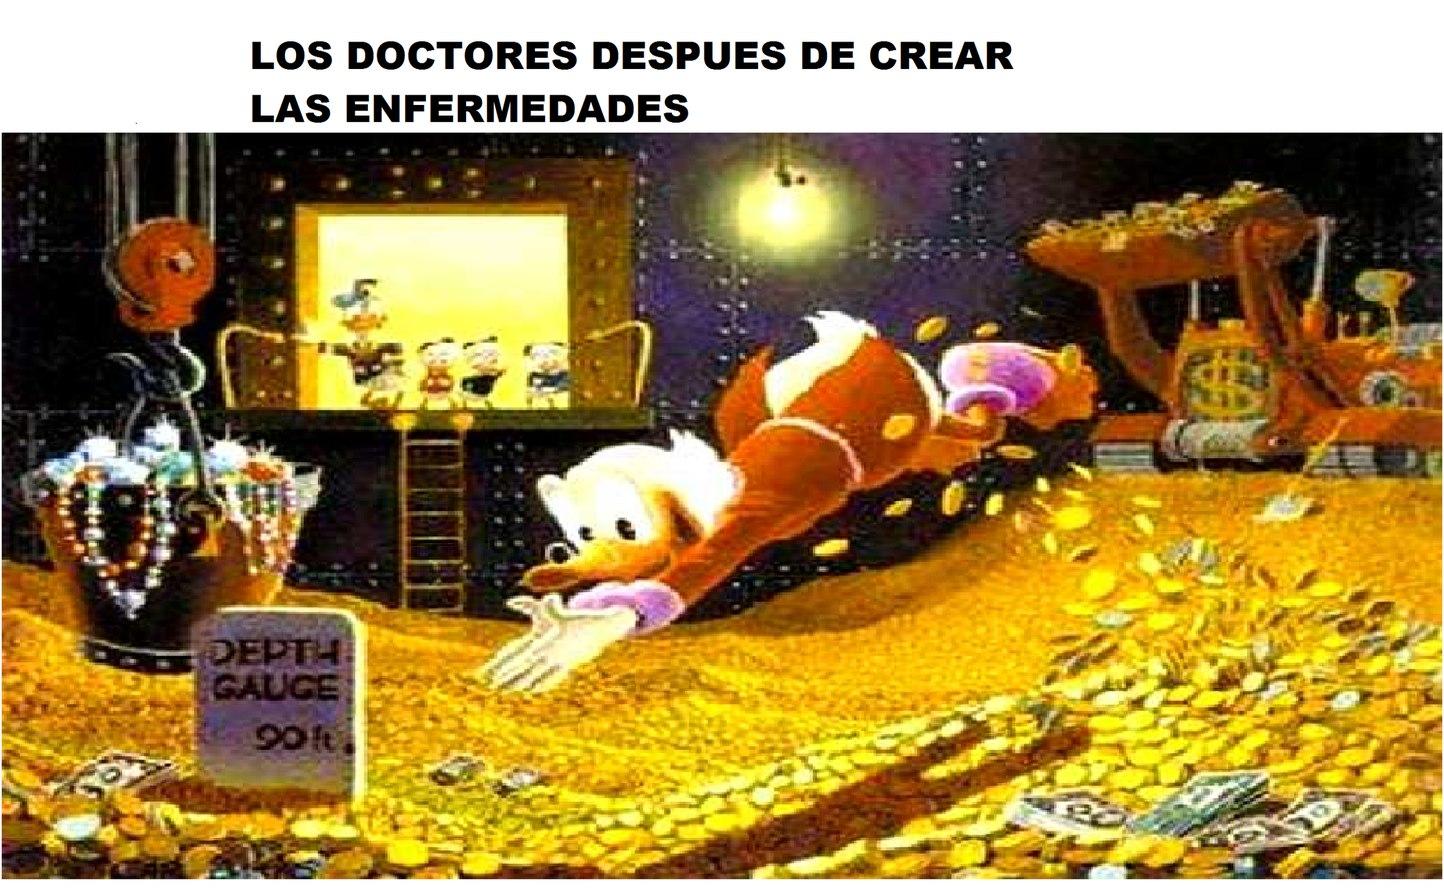 LAS ENFERMEDADES FUERON CREADAS POR LOS DOCTORES - meme